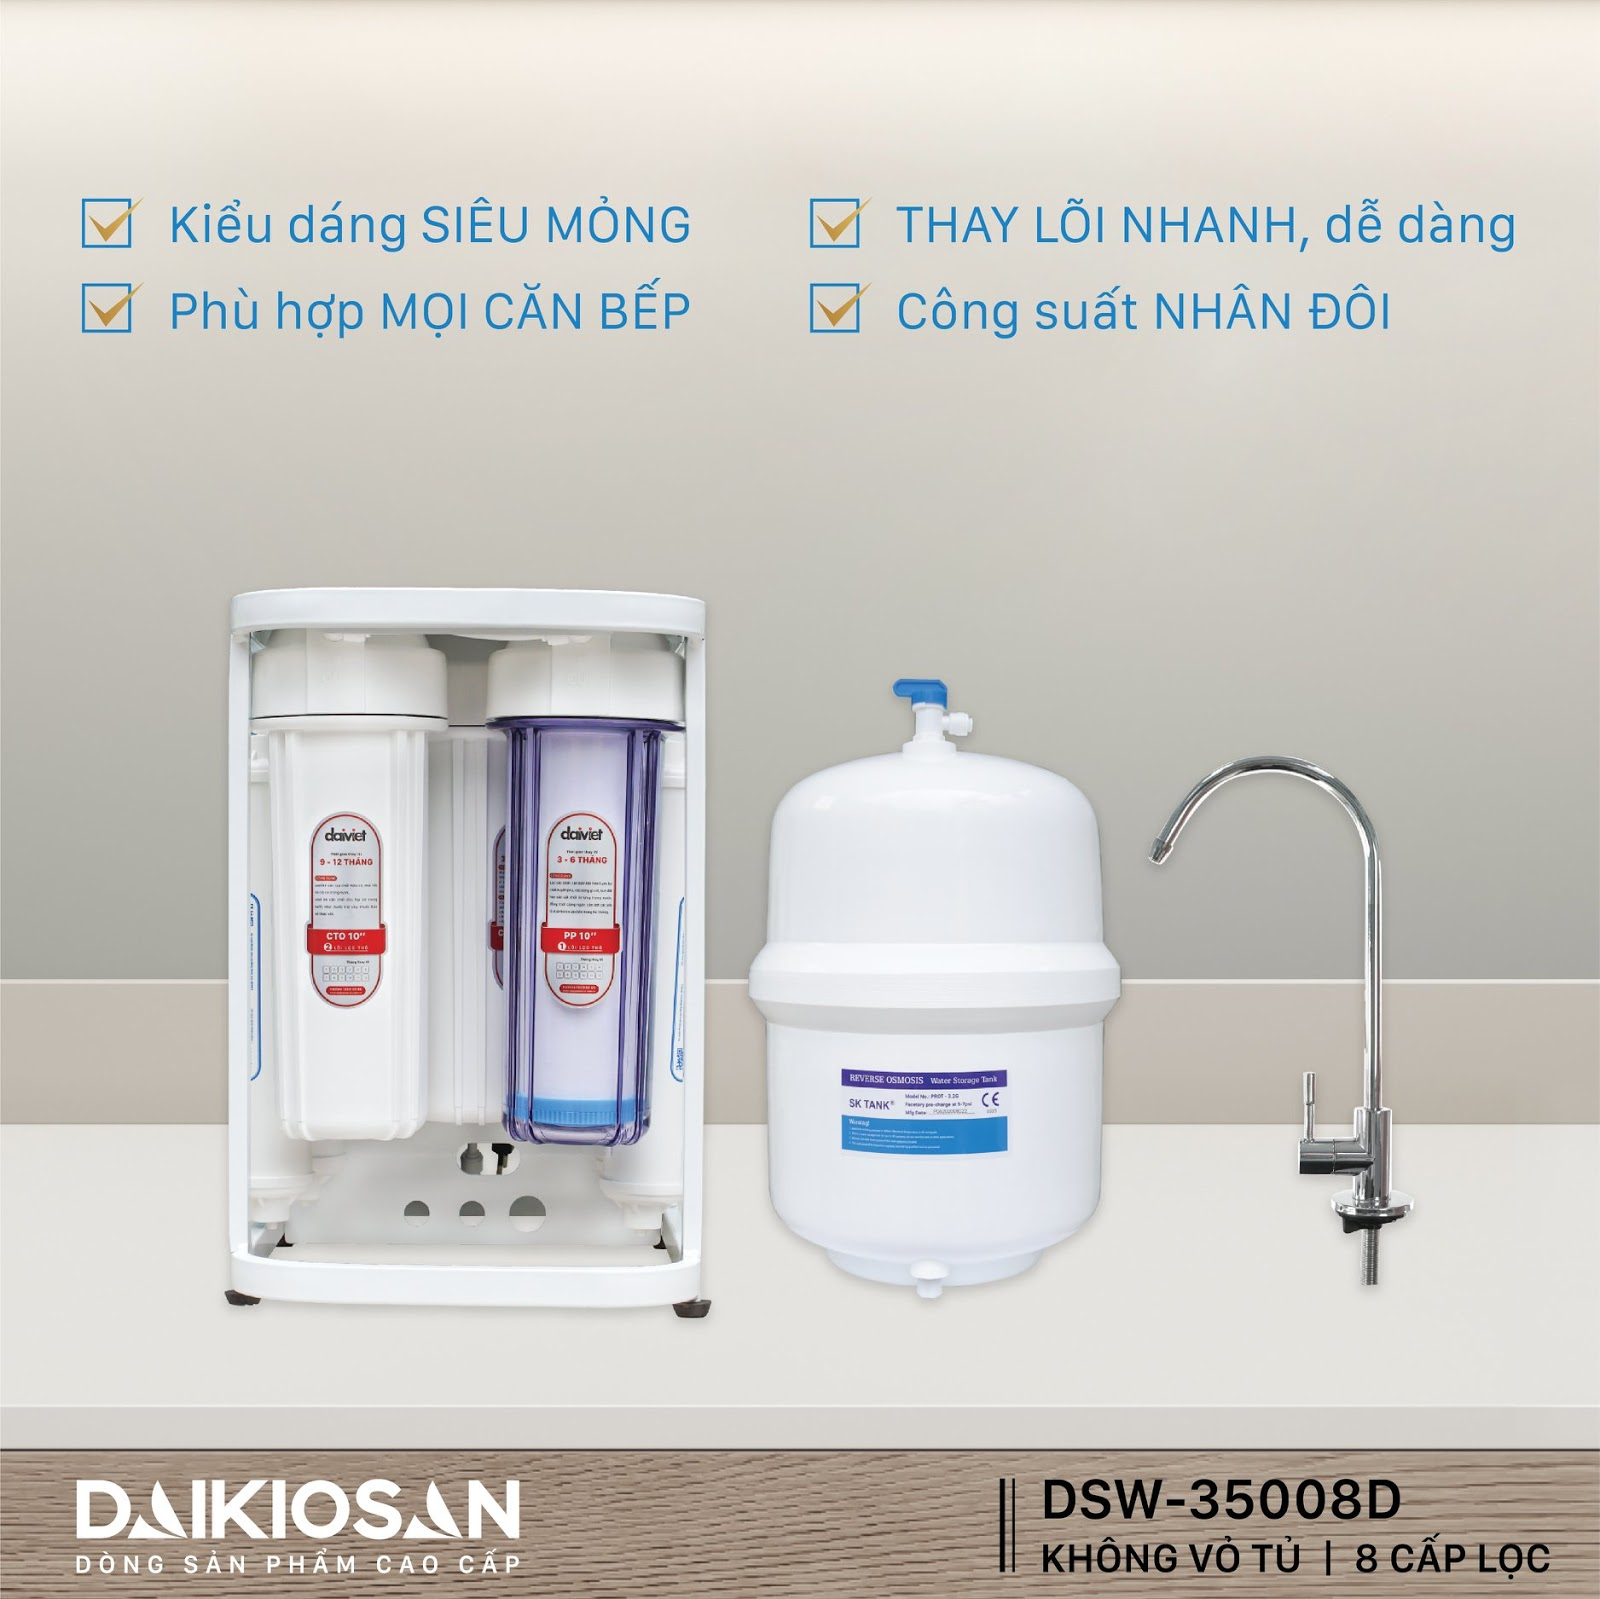 Máy lọc nước RO không vỏ tủ phù hợp cho mọi căn bếp